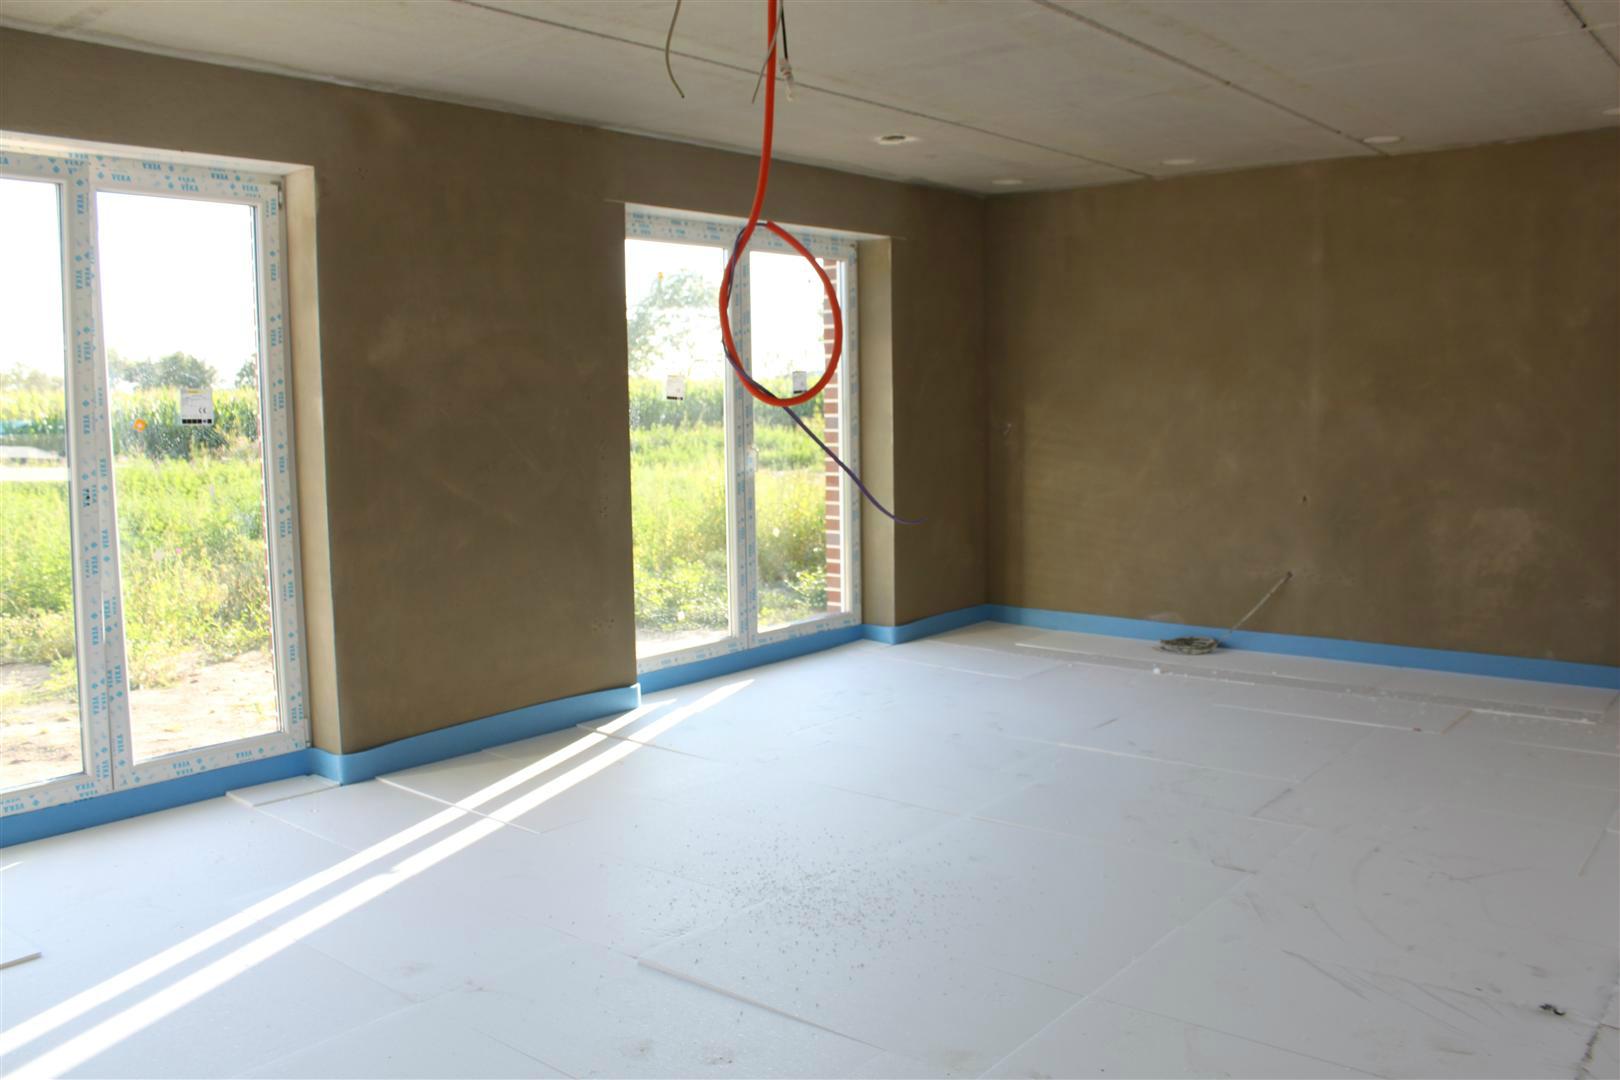 estrich in der garage und dachbodenarbeiten hausbau blog. Black Bedroom Furniture Sets. Home Design Ideas